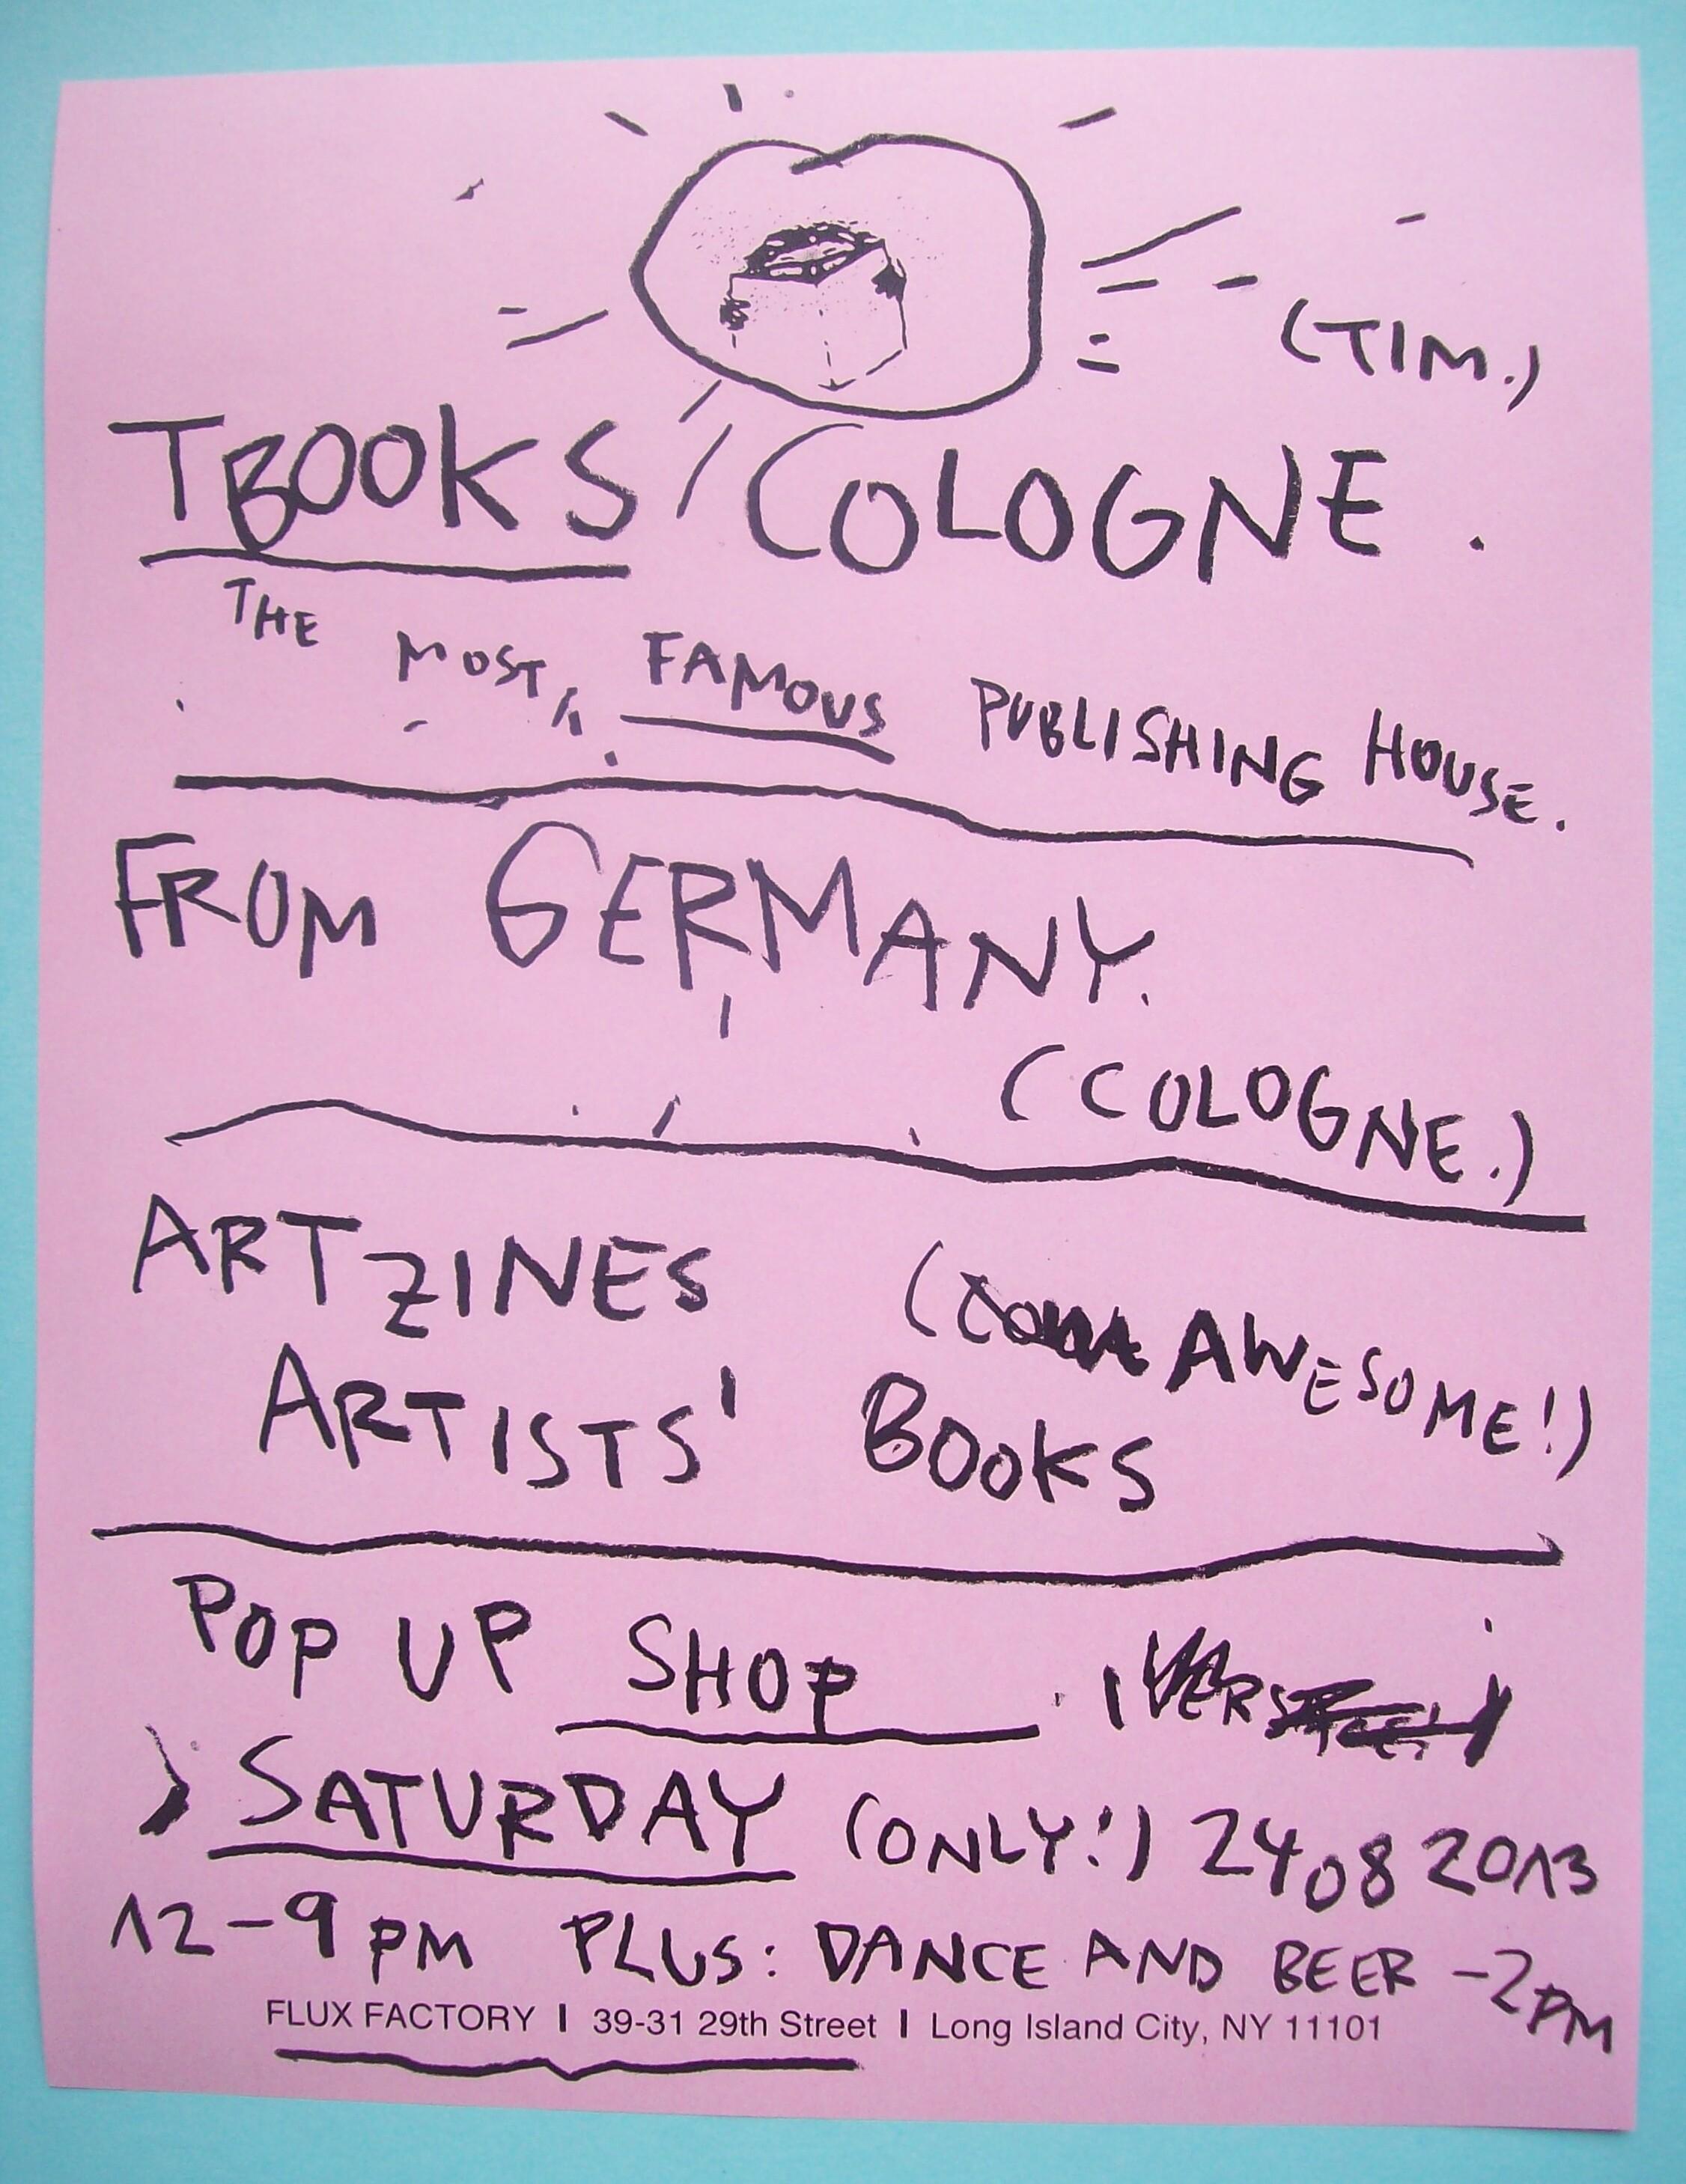 TBOOKS COLOGNE Pop Up Shop